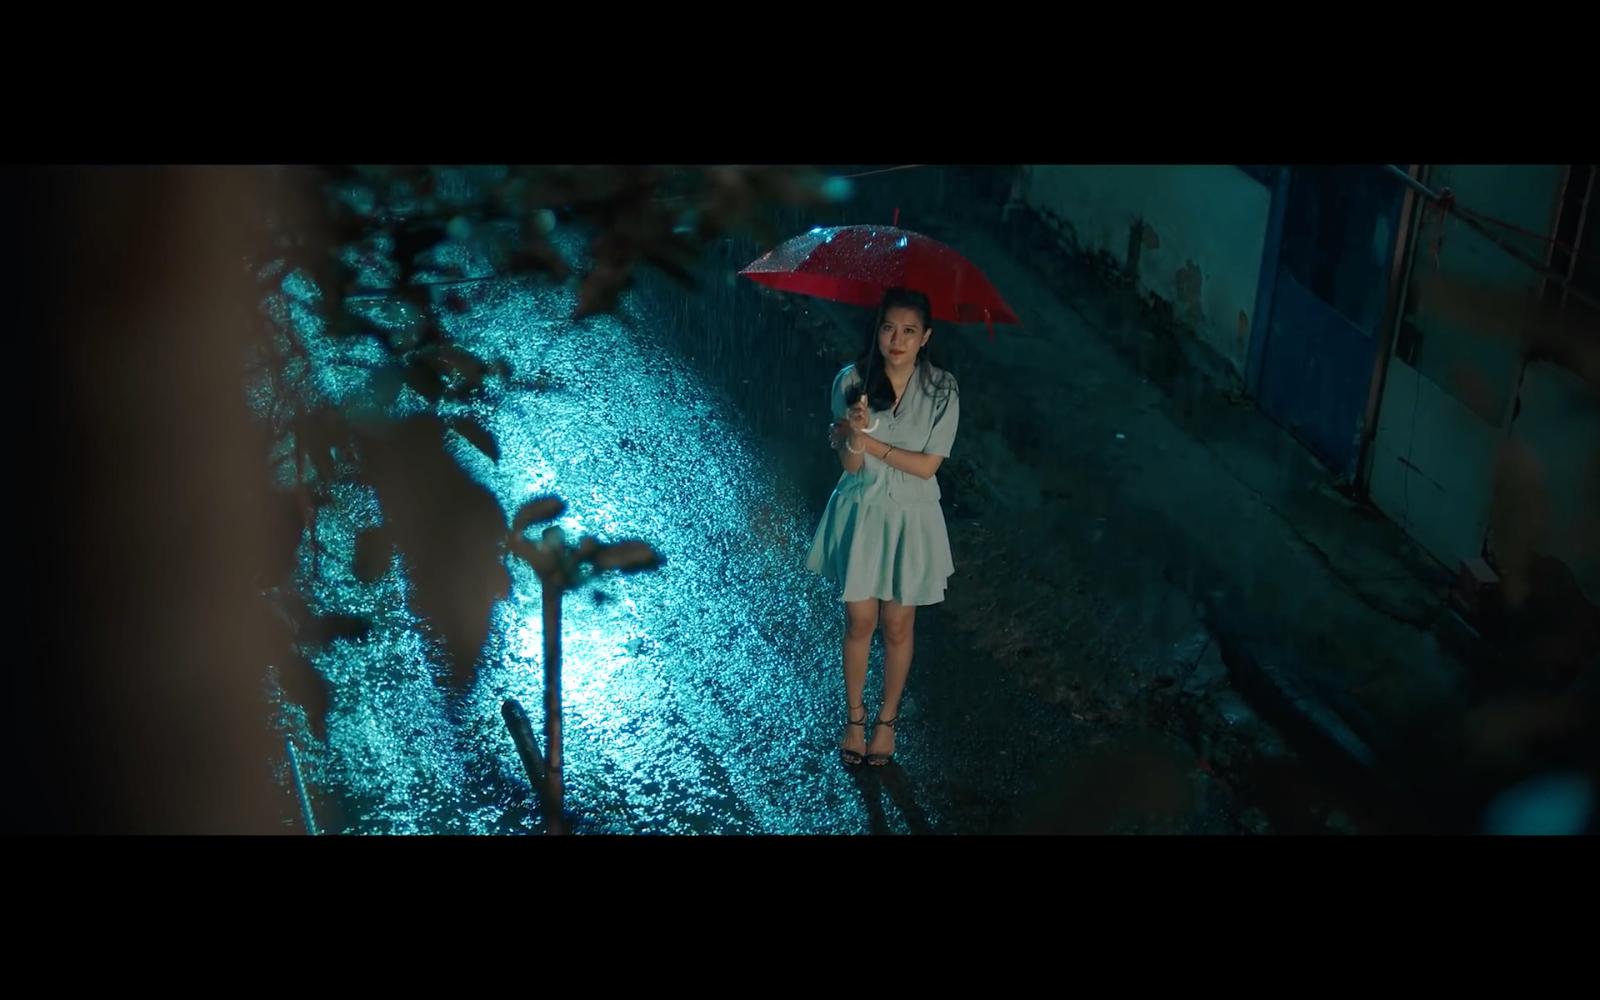 Nối tiếp thành tích của Sầu Hồng Gai, phần 2 với plot-twist không kém phim điện ảnh - Hình 6